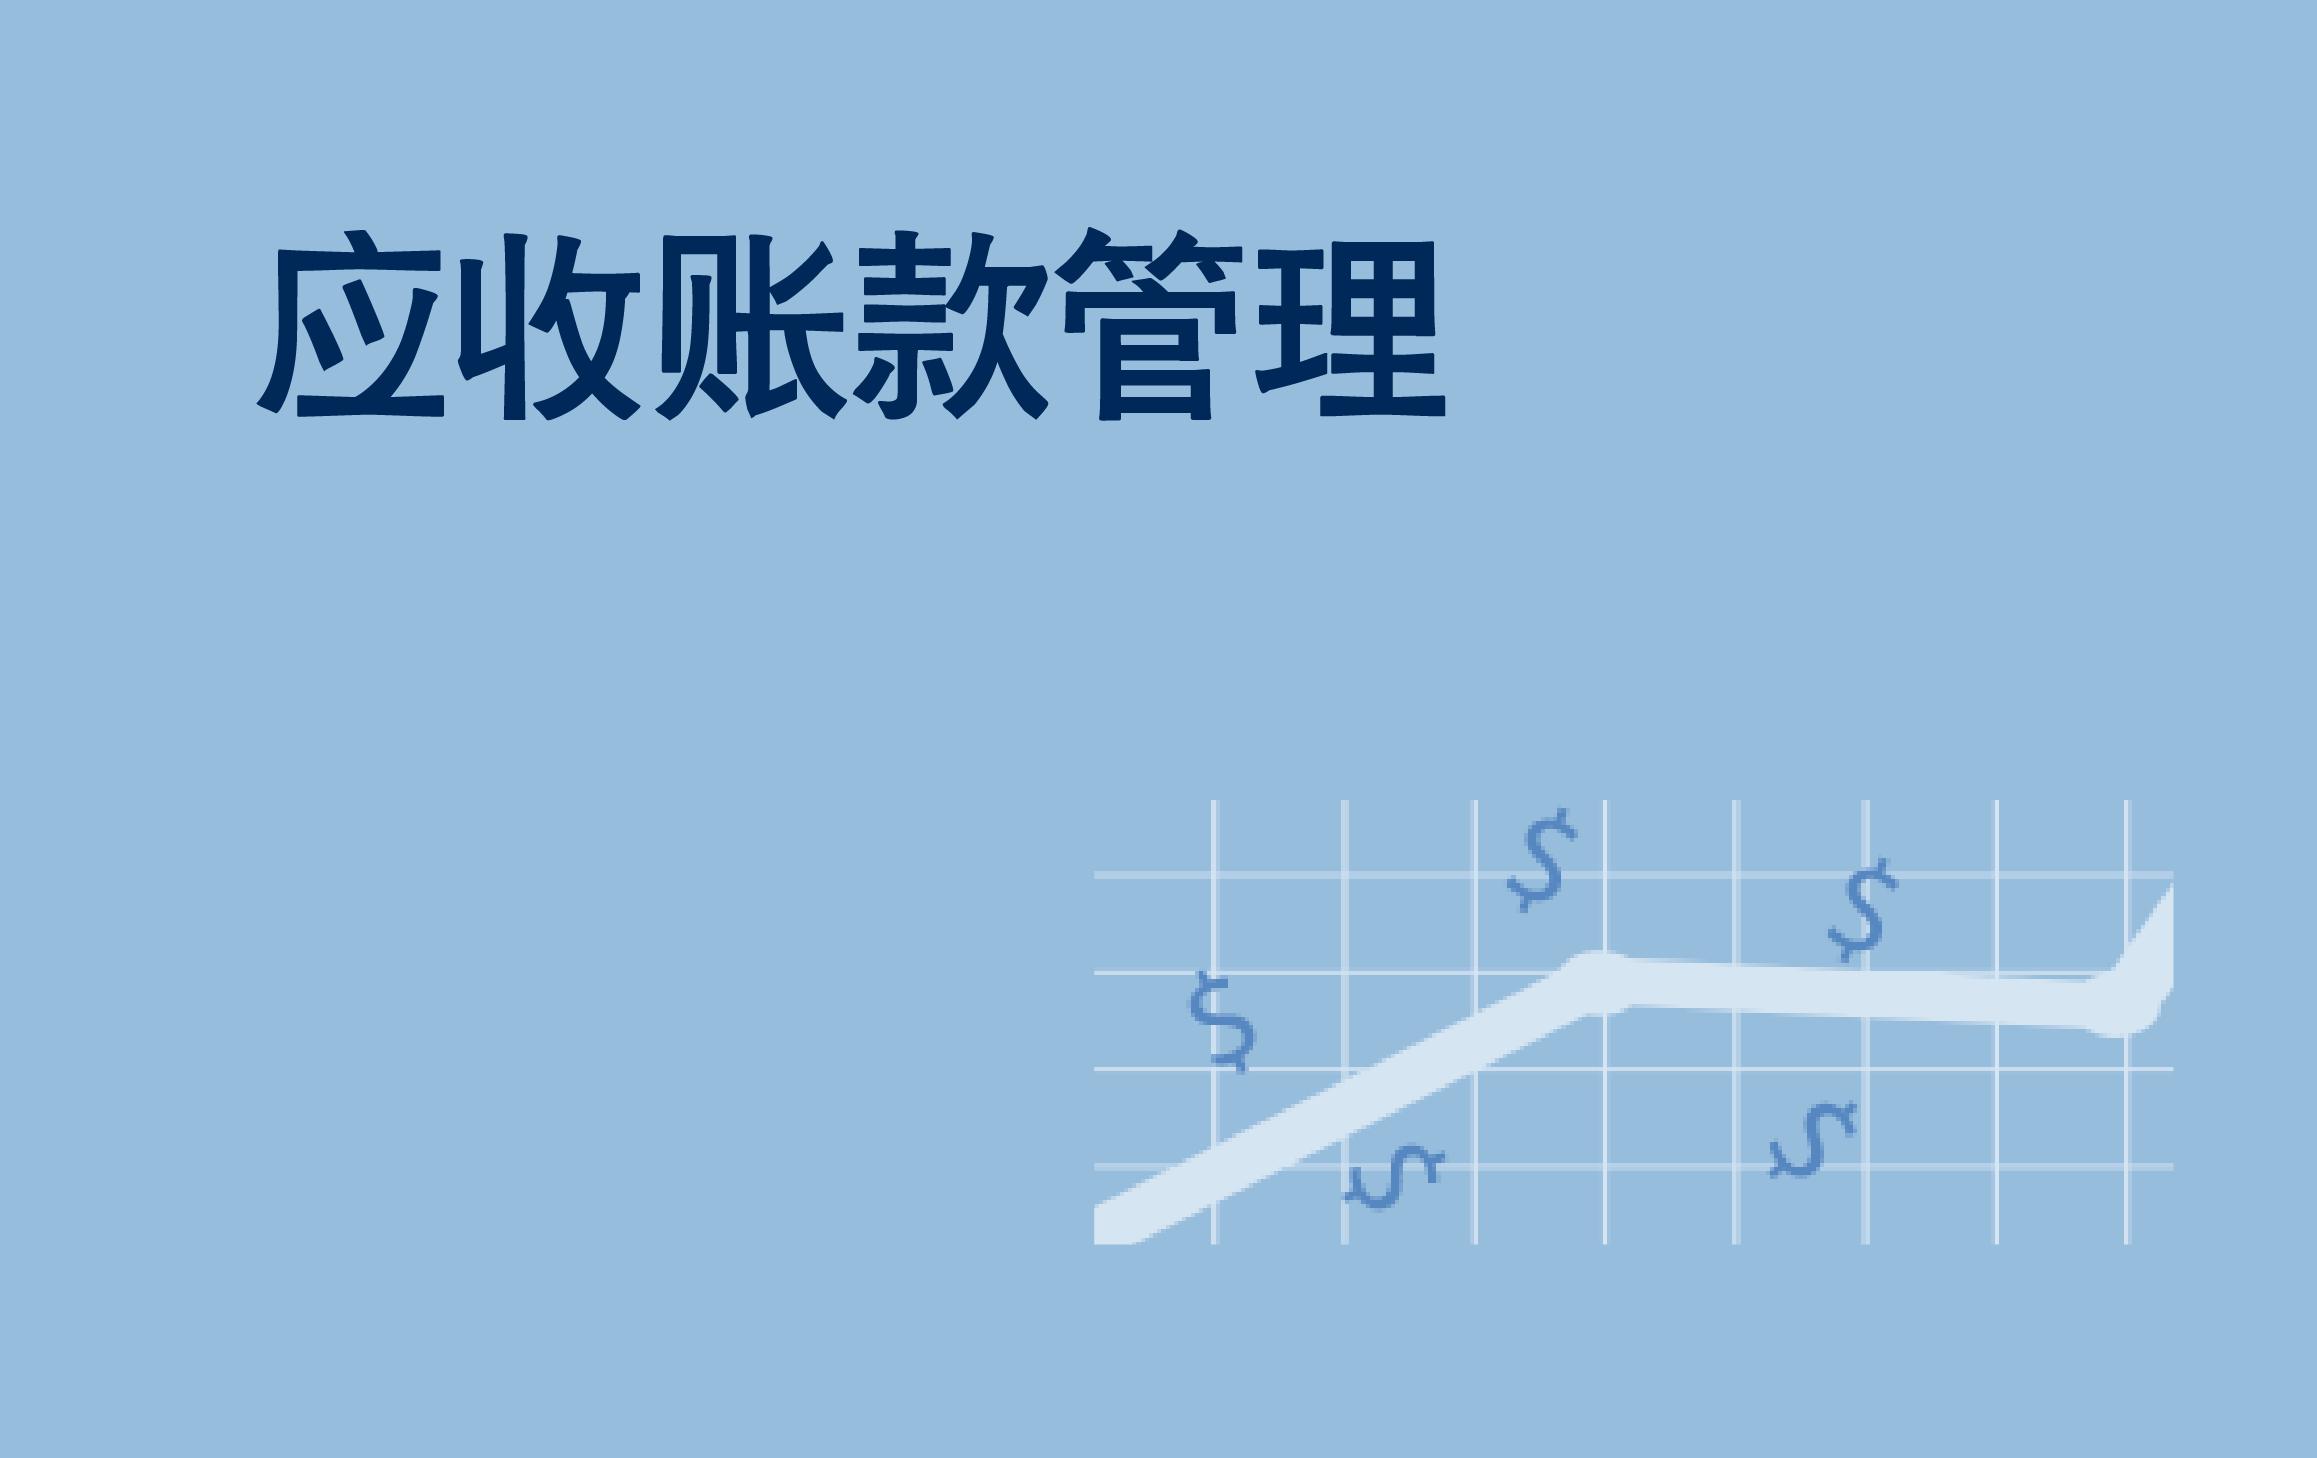 催款函在應收賬款管理中的應用